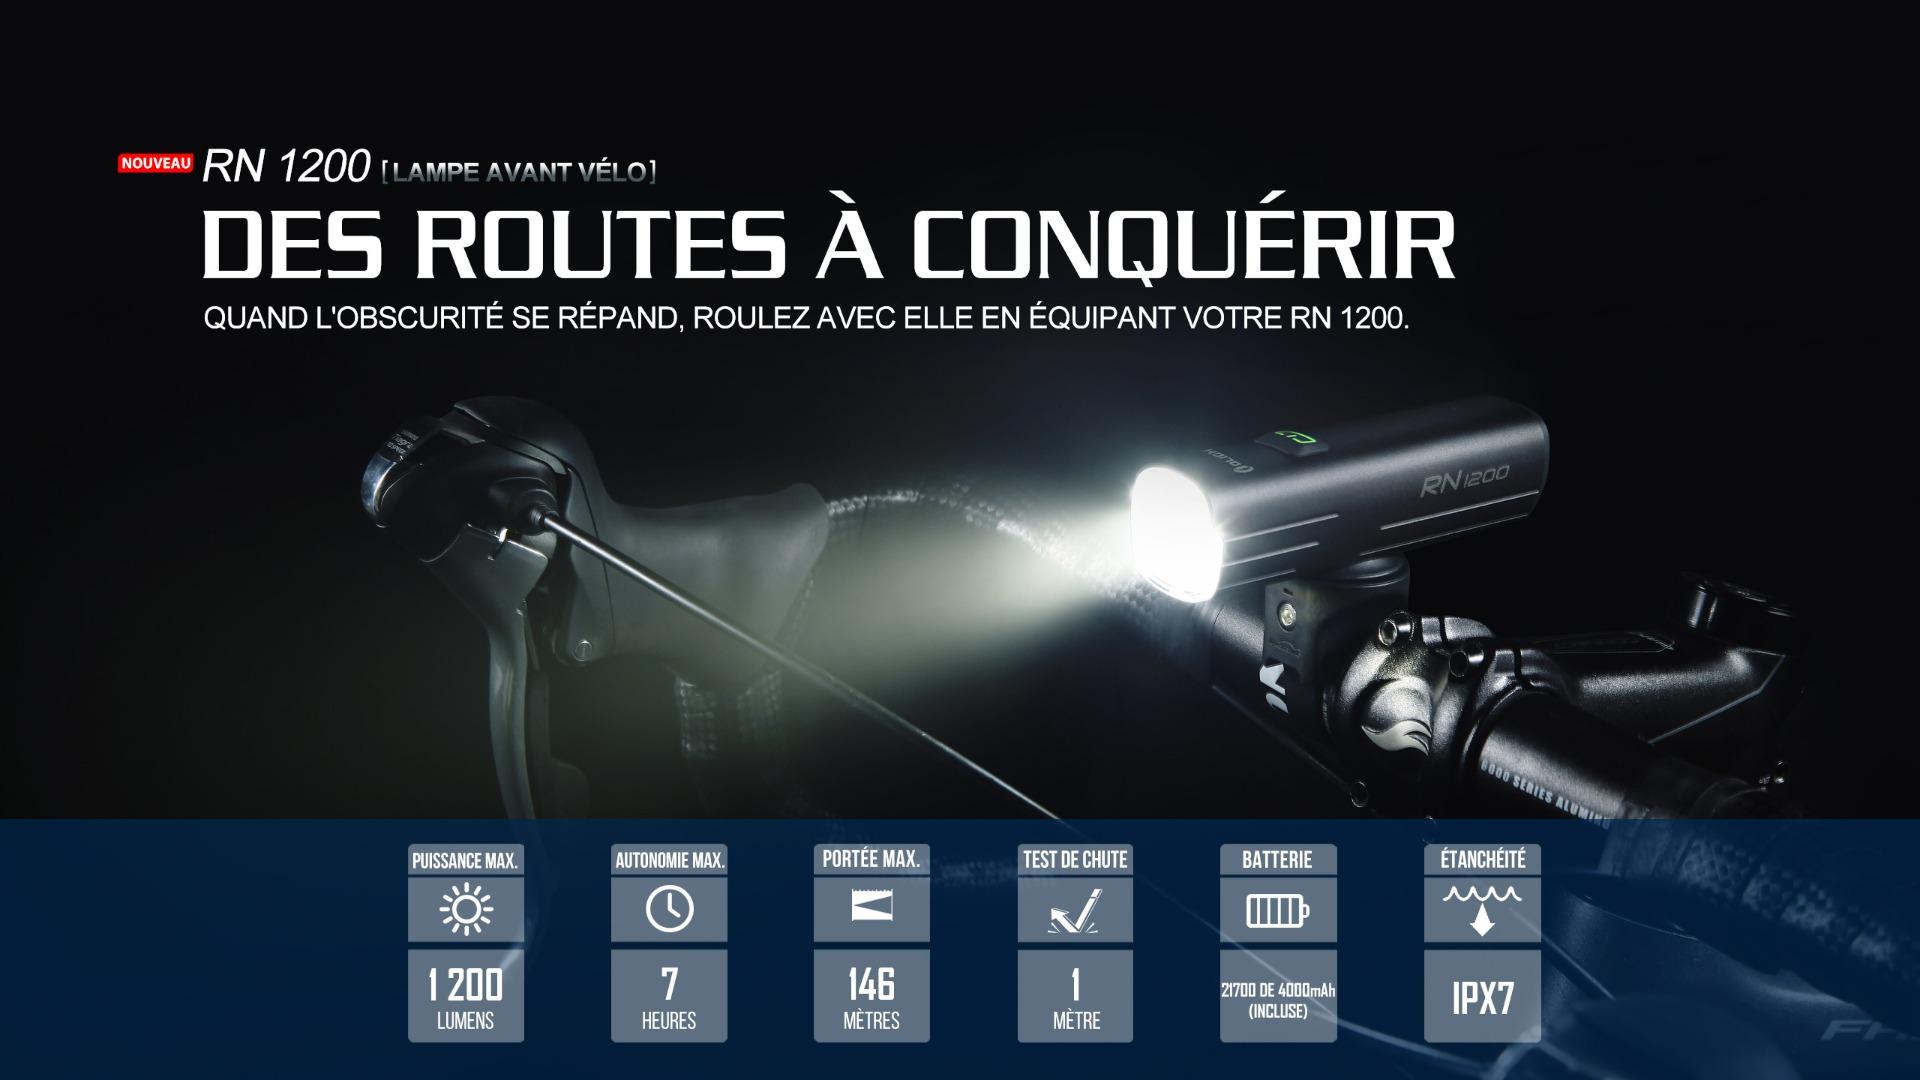 RN 1200 éclairage avant vélo 1200 lumens